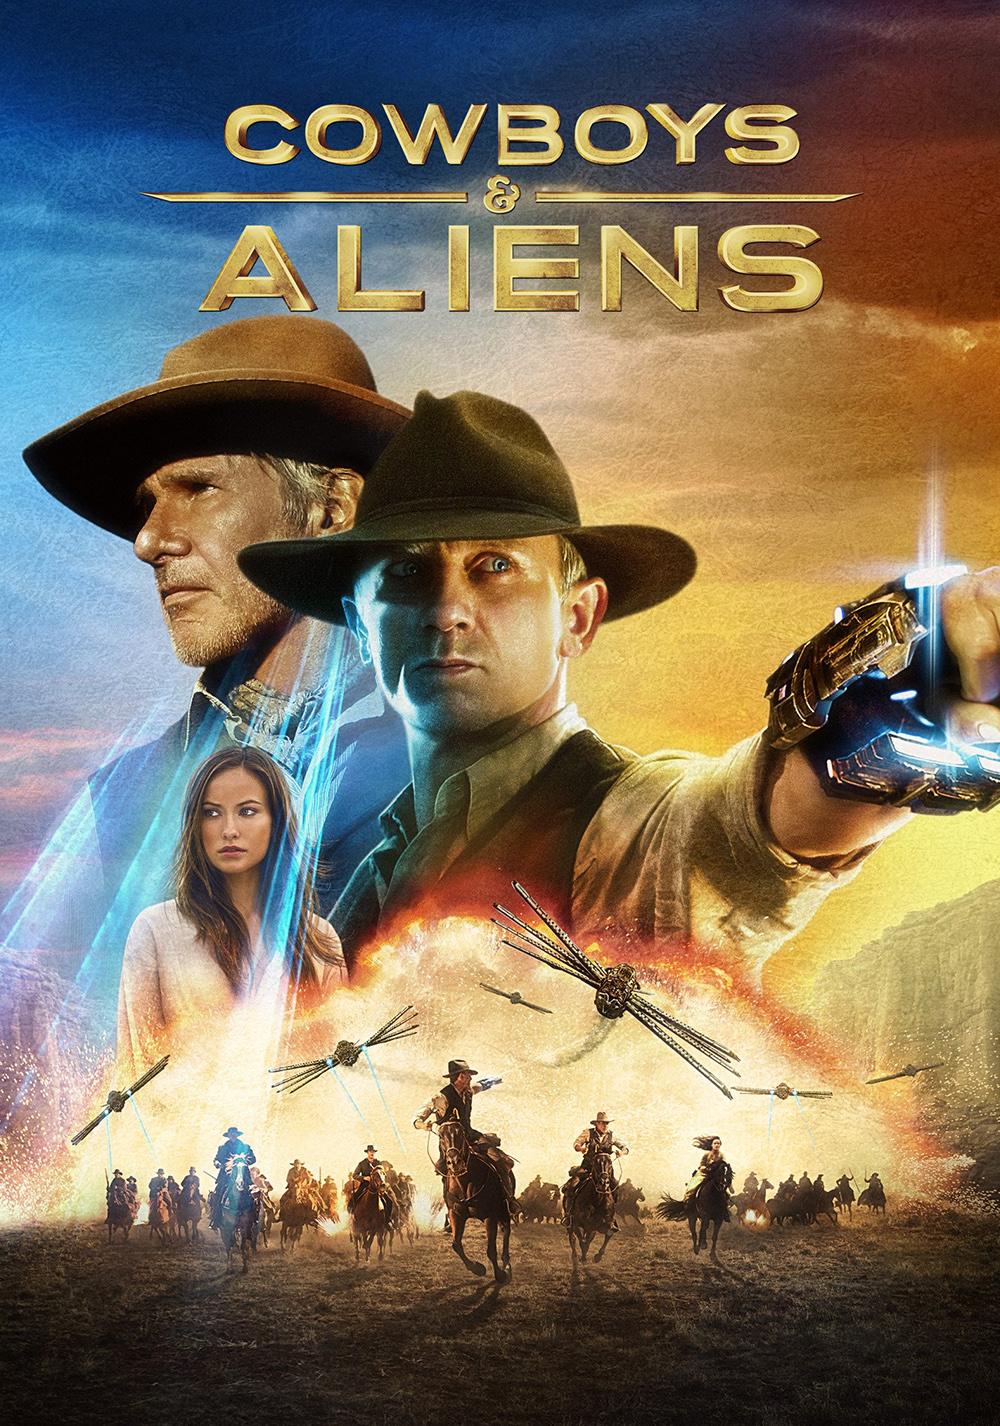 cowboy aliens